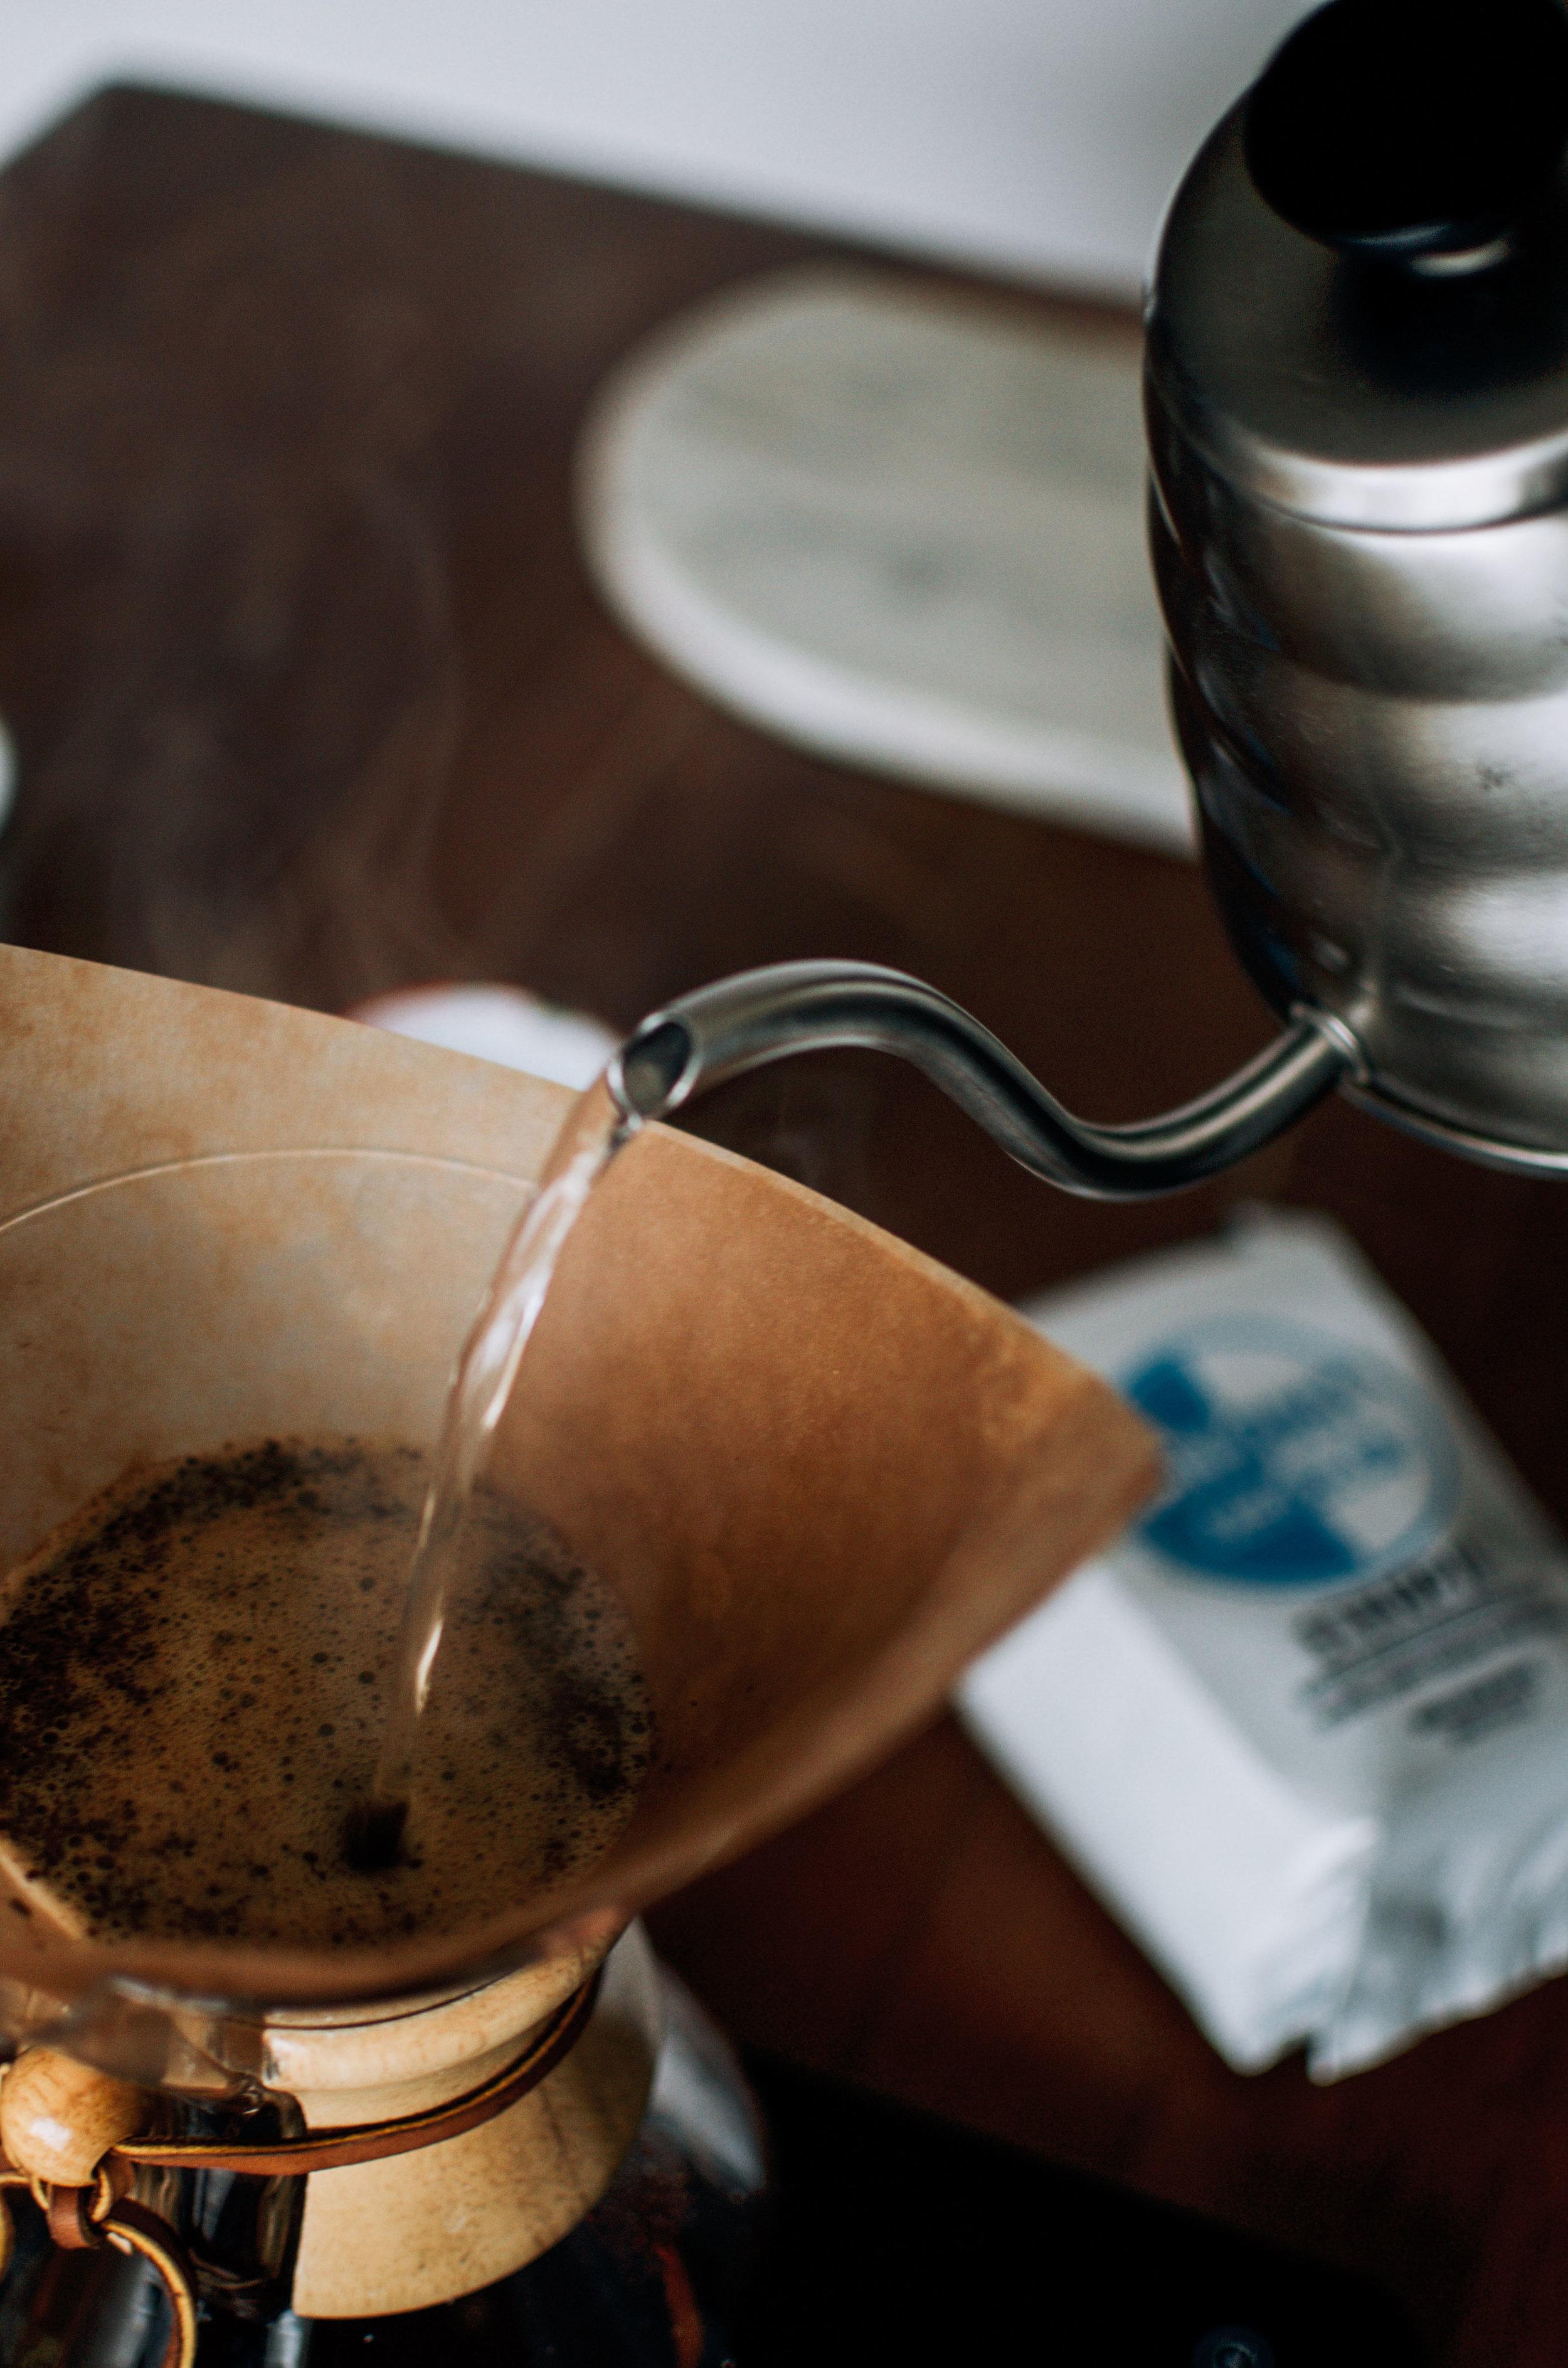 Wendling_Boyd_Daily_Brew_Coffee_Day_Contrast_Coffee-3.jpg